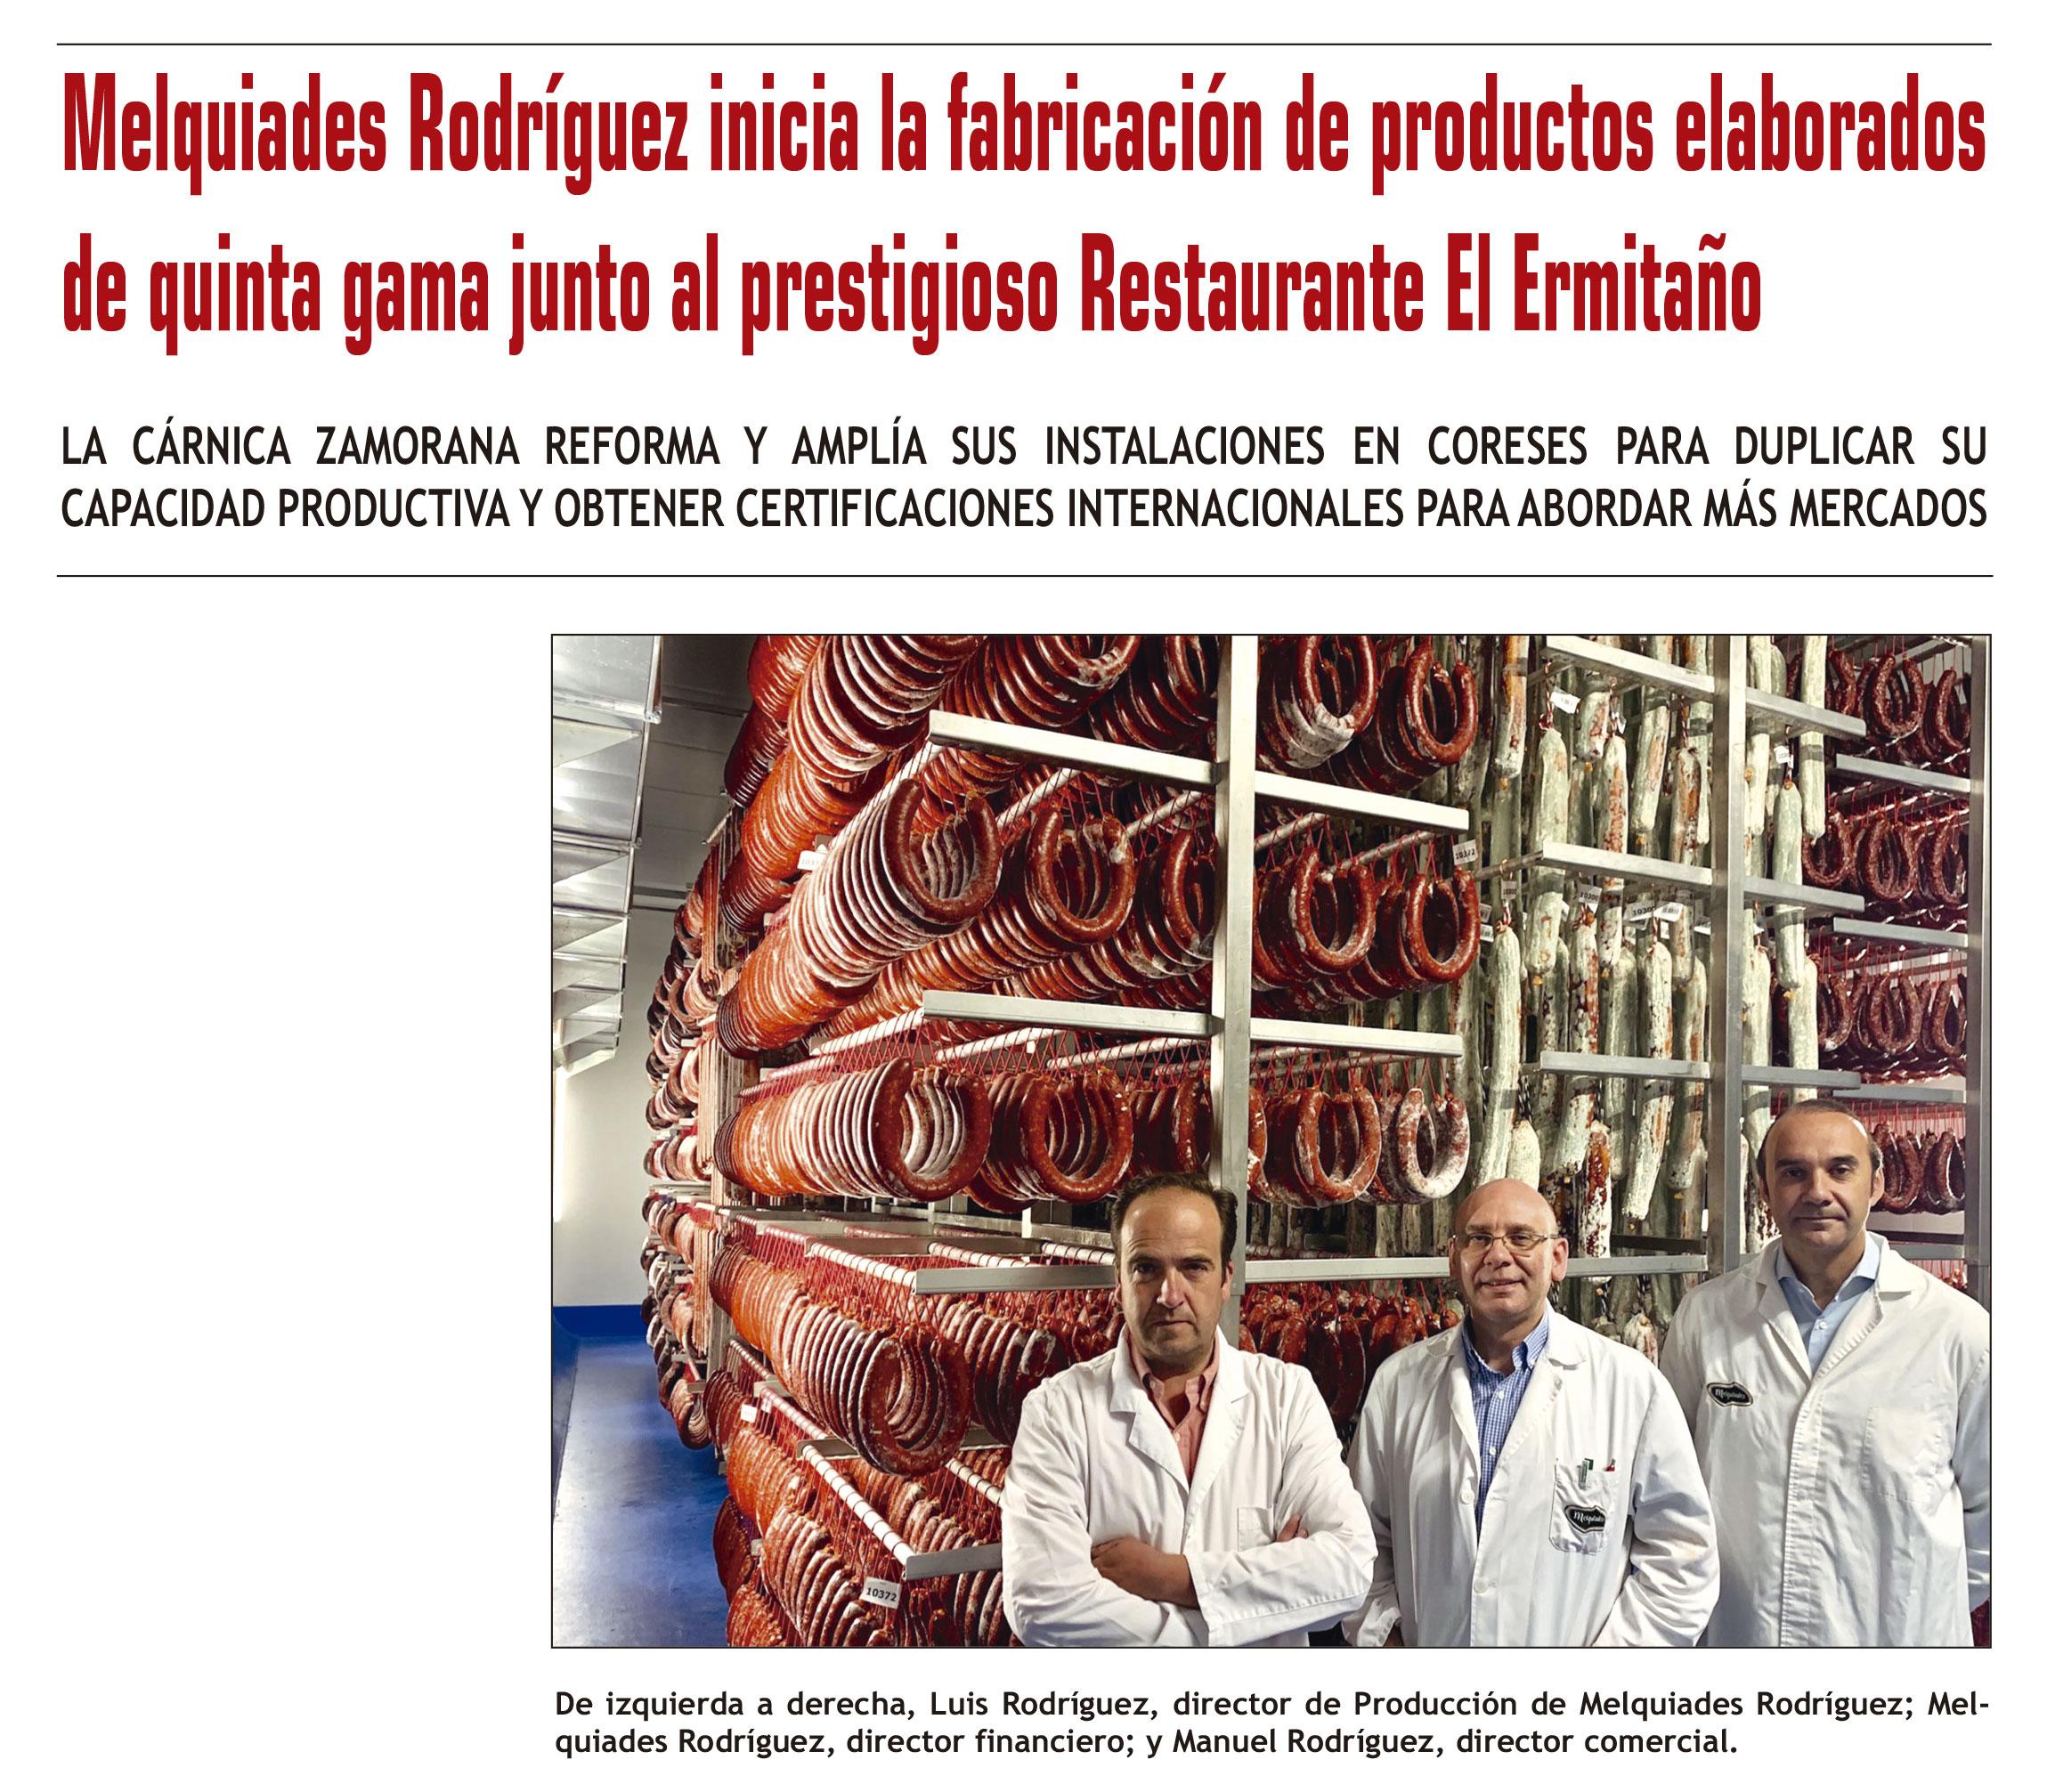 Melquiades Rodríguez inicia la fabricación de productos elaborados de quinta gama junto al prestigioso Restaurante El Ermitaño - Castilla y León Económica